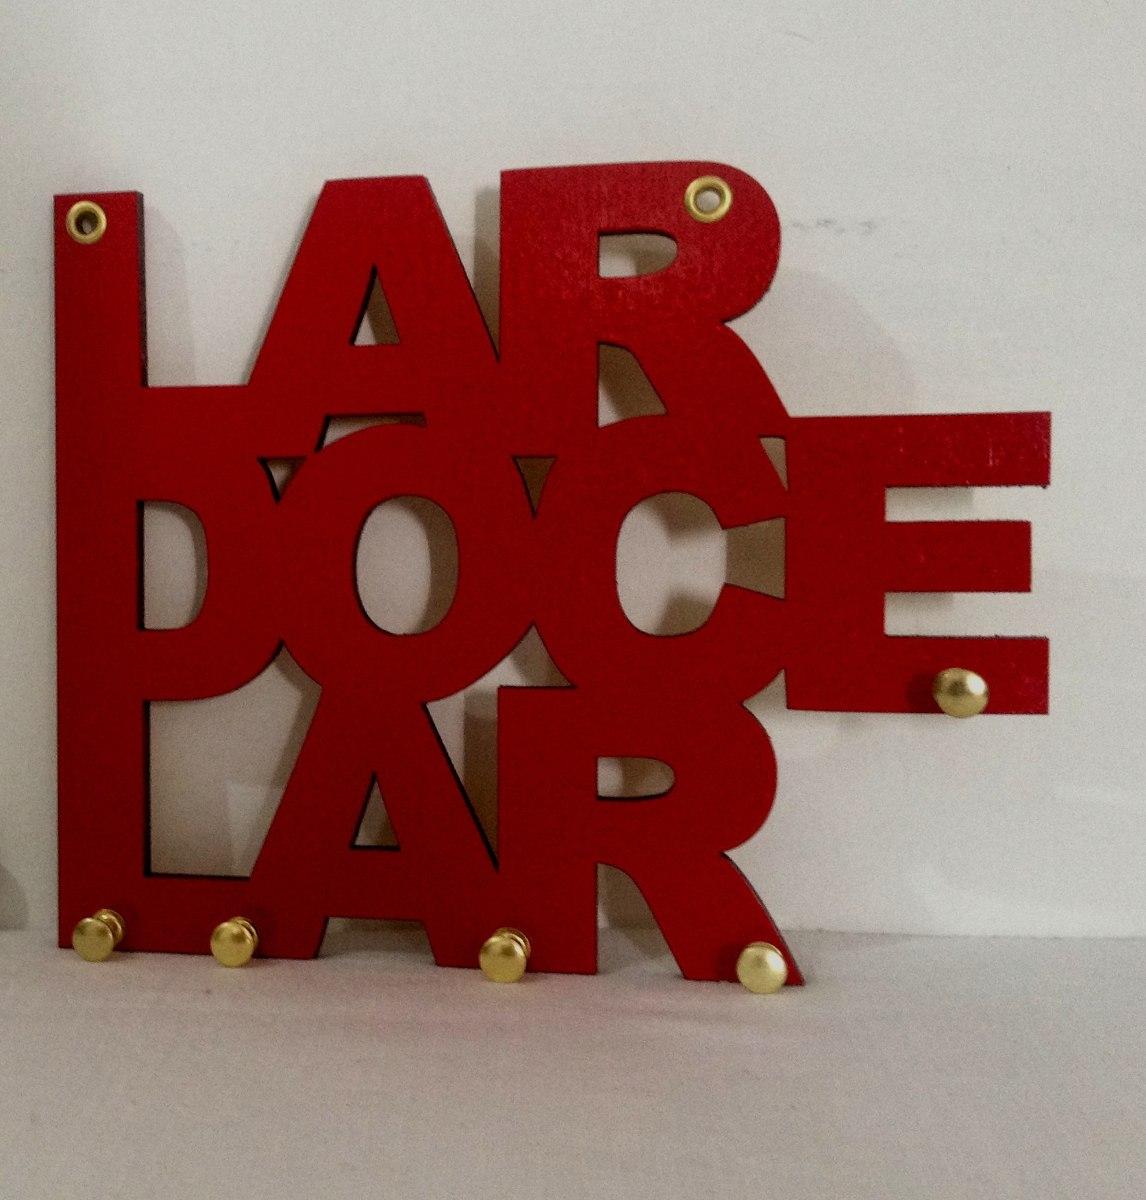 Porta Chaves Parede Criativos - Modelo Lar Doce Lar - R  24,90 em ... 01a6706f8d